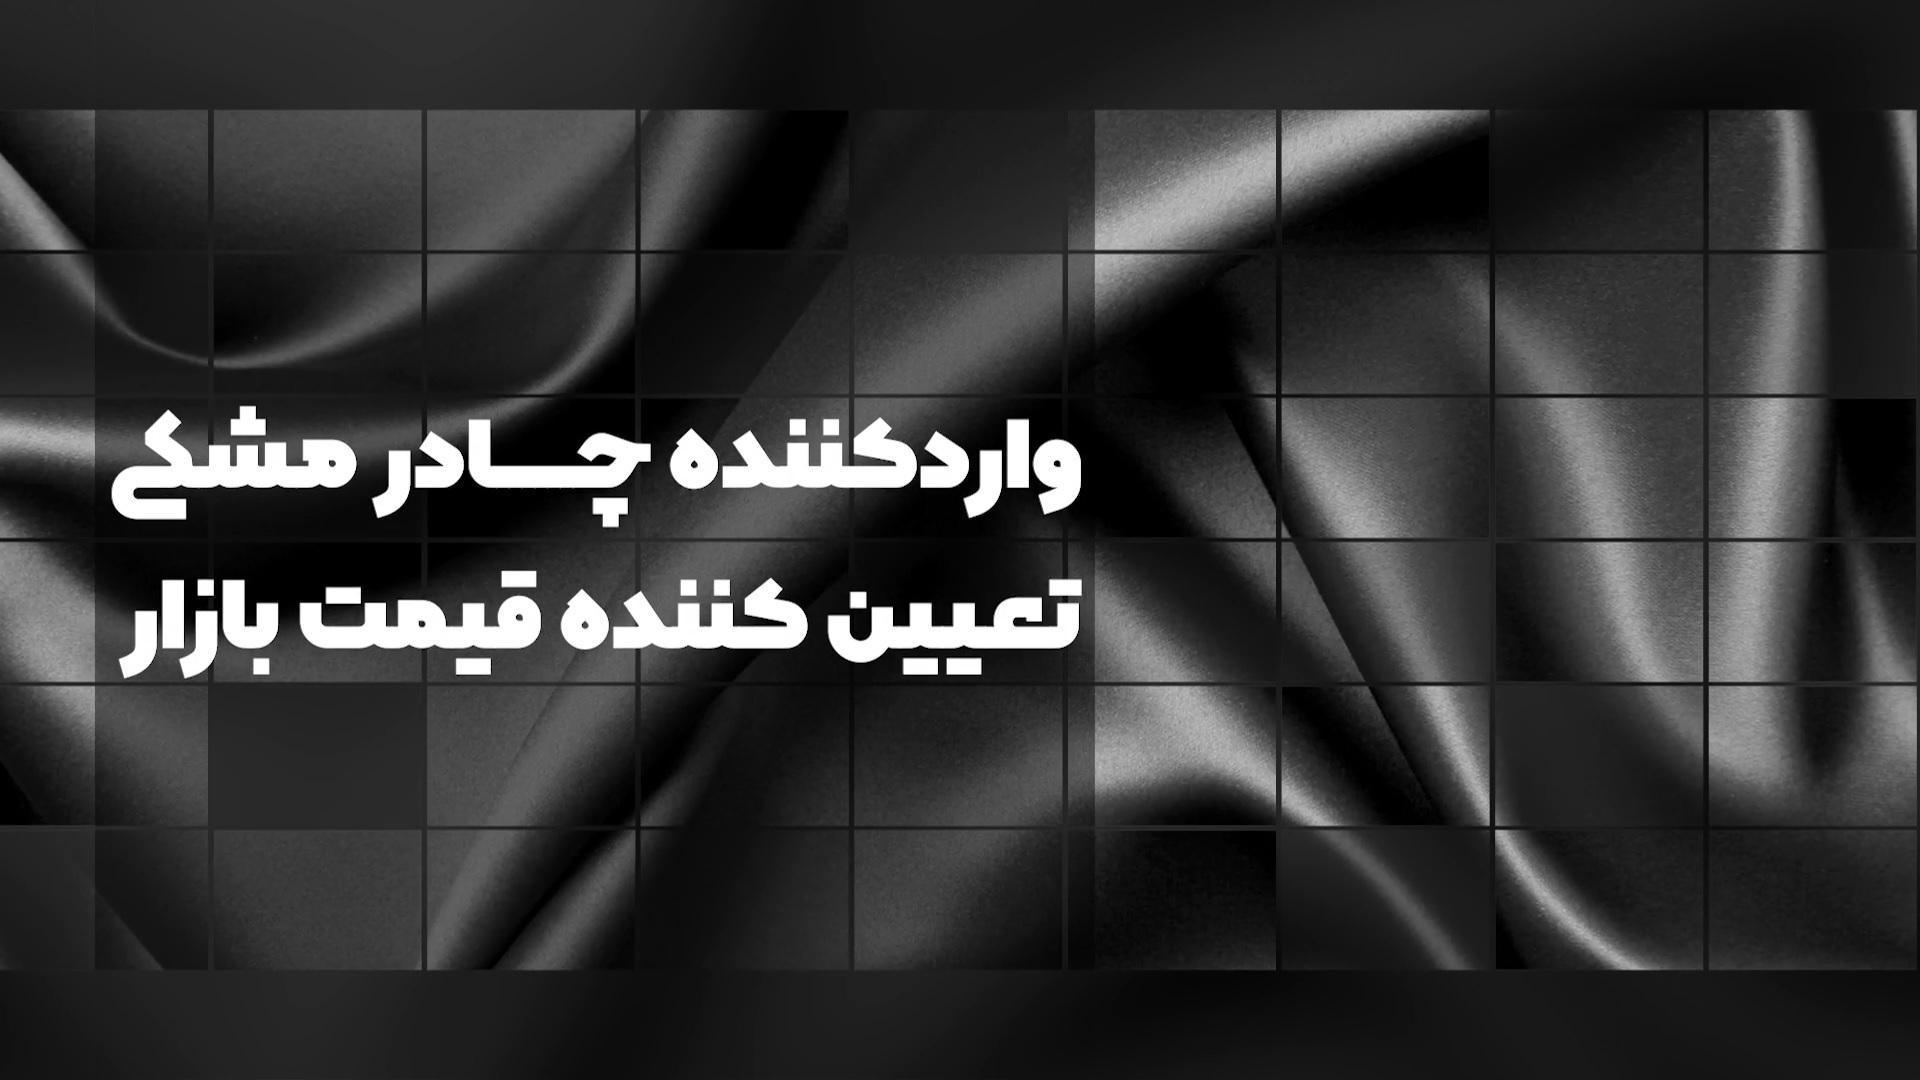 وارد کننده چادر مشکی تعیین کننده قیمت بازار + ویدیو